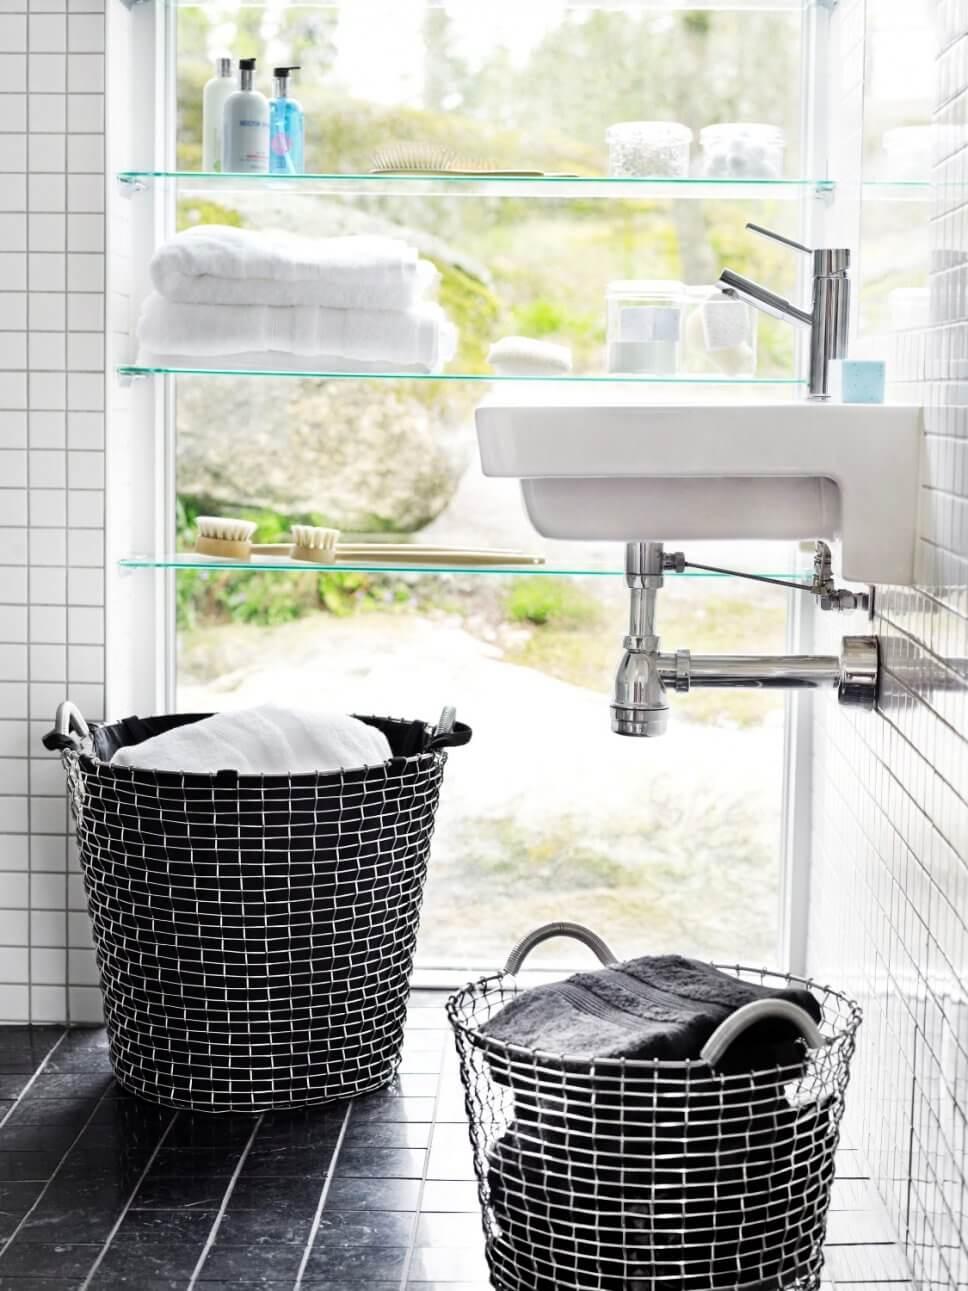 Wäschekorb in modernem Badezimmer